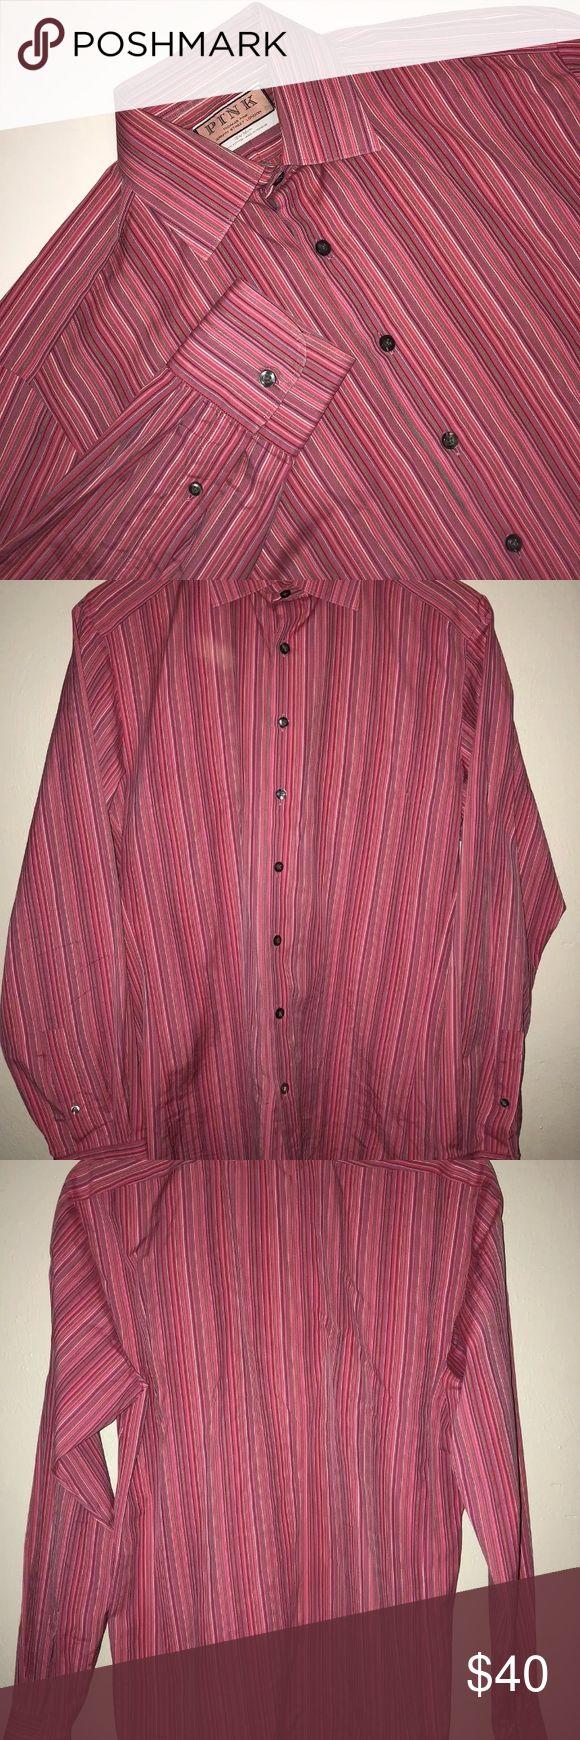 """THOMAS PINK Men's 15 1/2 Prestige Shirt Pink THOMAS PINK Men's 15 1/2 Prestige Shirt Pink Striped French Cuffs  Actual Measurements  Neck 15""""  Arm length 27""""  Chest 40""""  Length 30""""  100% Cotton Thomas Pink Shirts Dress Shirts"""